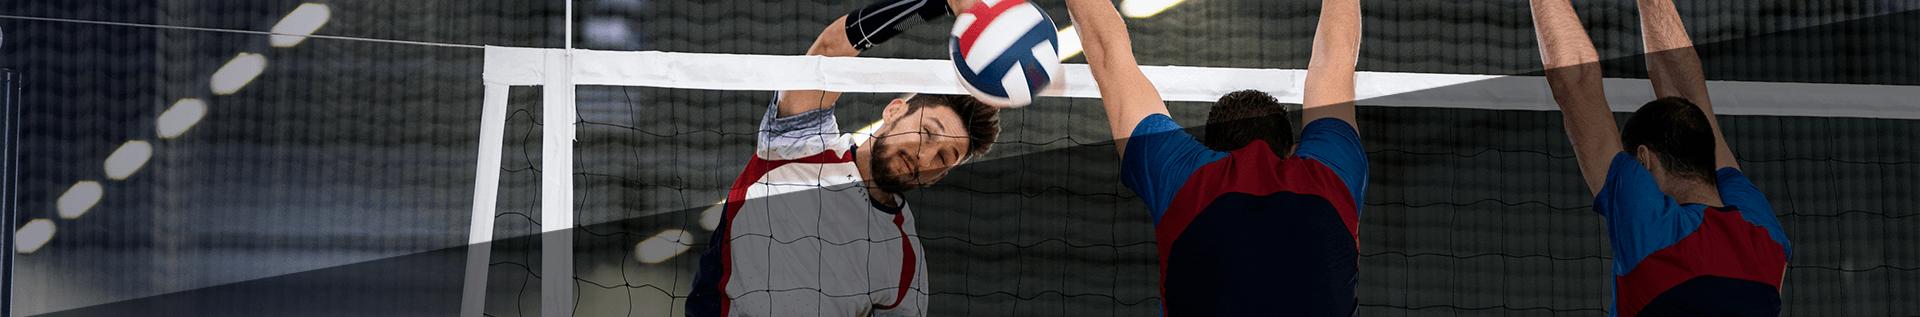 Волейбольна форма